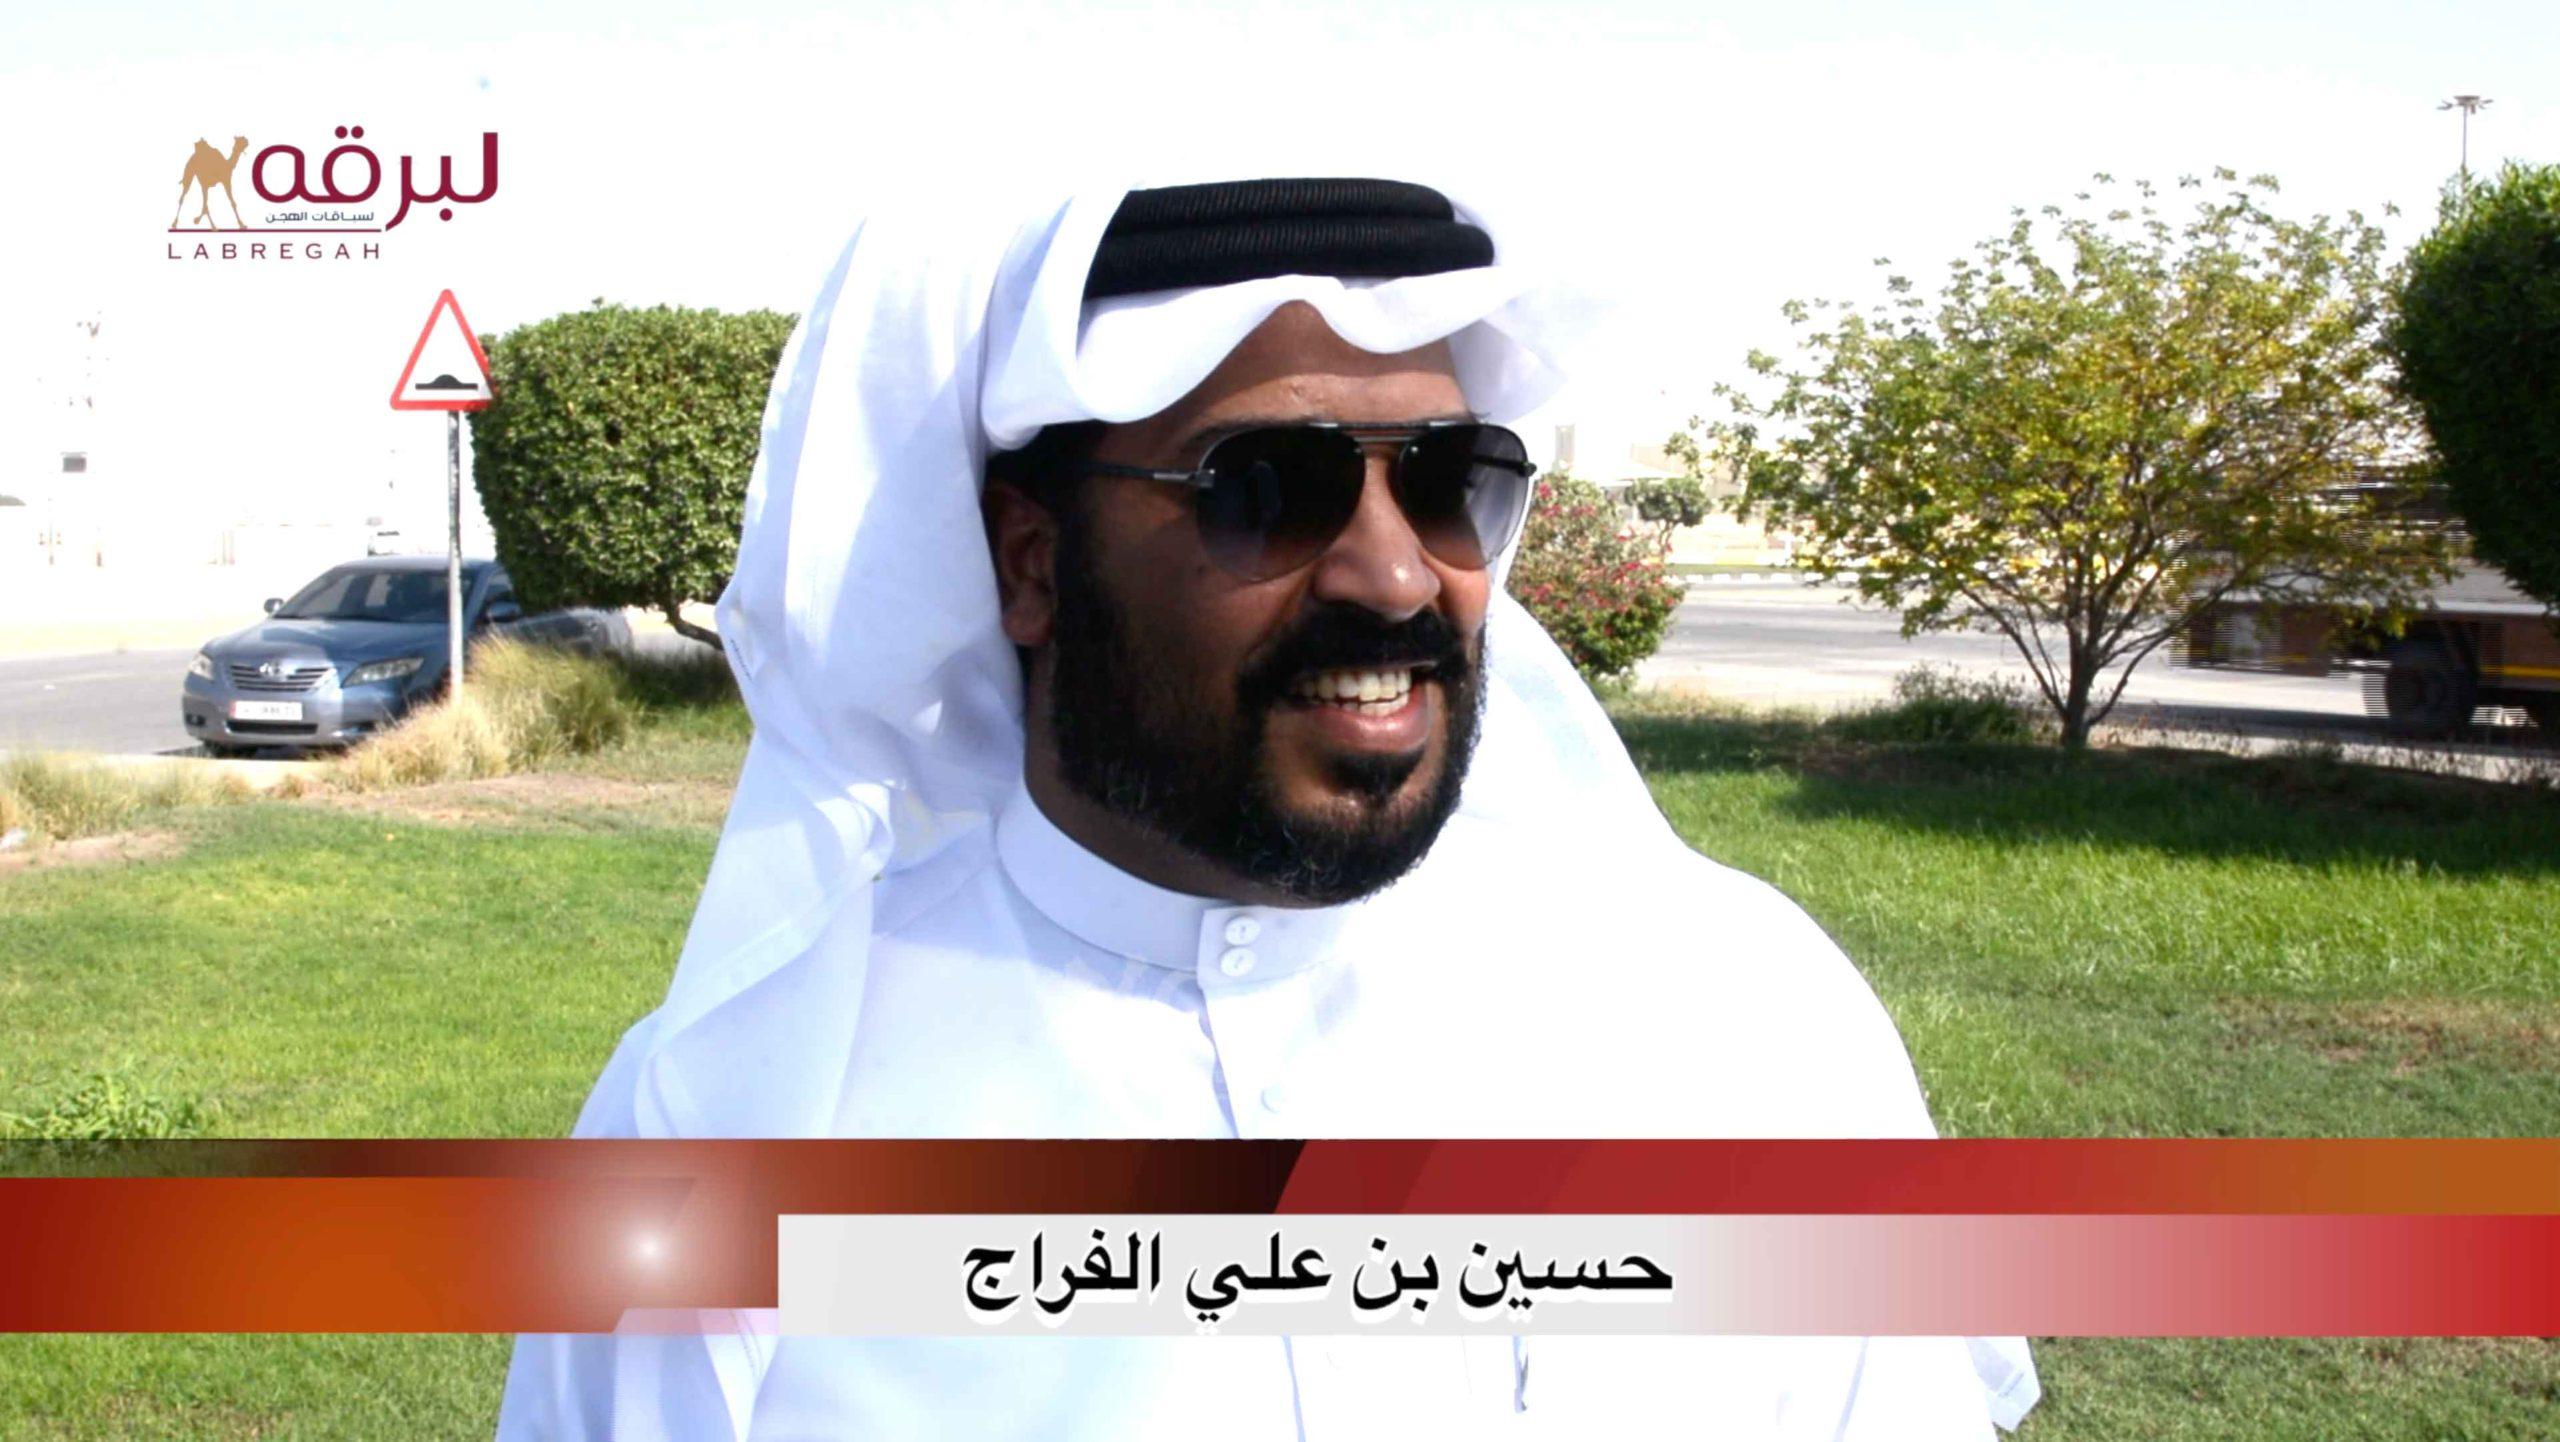 لقاء مع حسين بن علي الفراج.. الشوط الرئيسي للثنايا قعدان إنتاج الأشواط العامة ٢٥-٩-٢٠٢٠